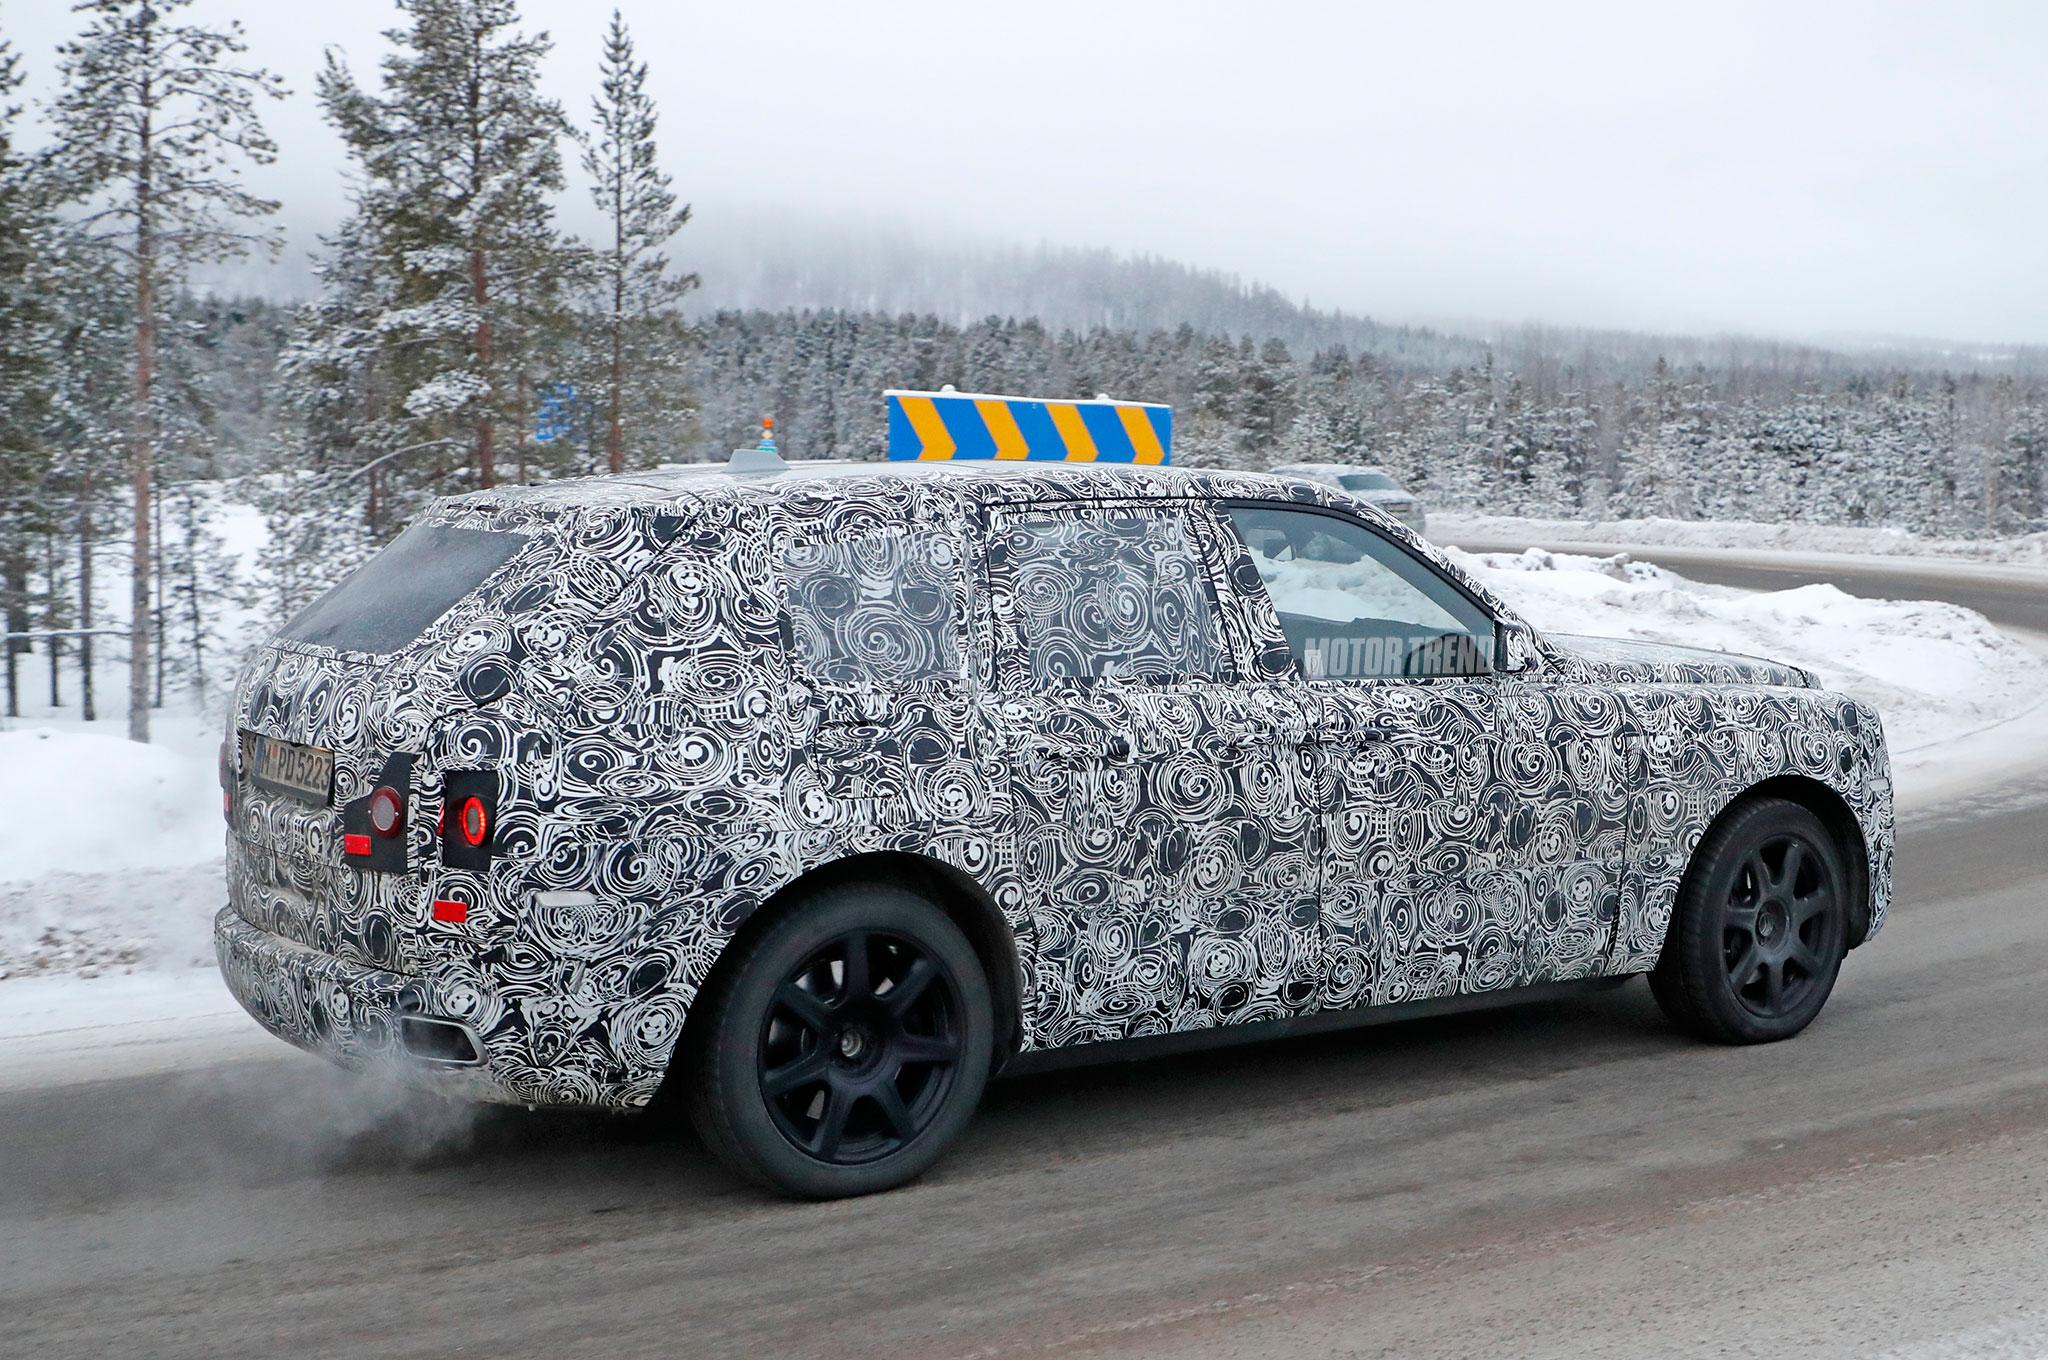 Xe++ - Bán tải Rolls-Royce sẽ trông như thế nào? (Hình 2).